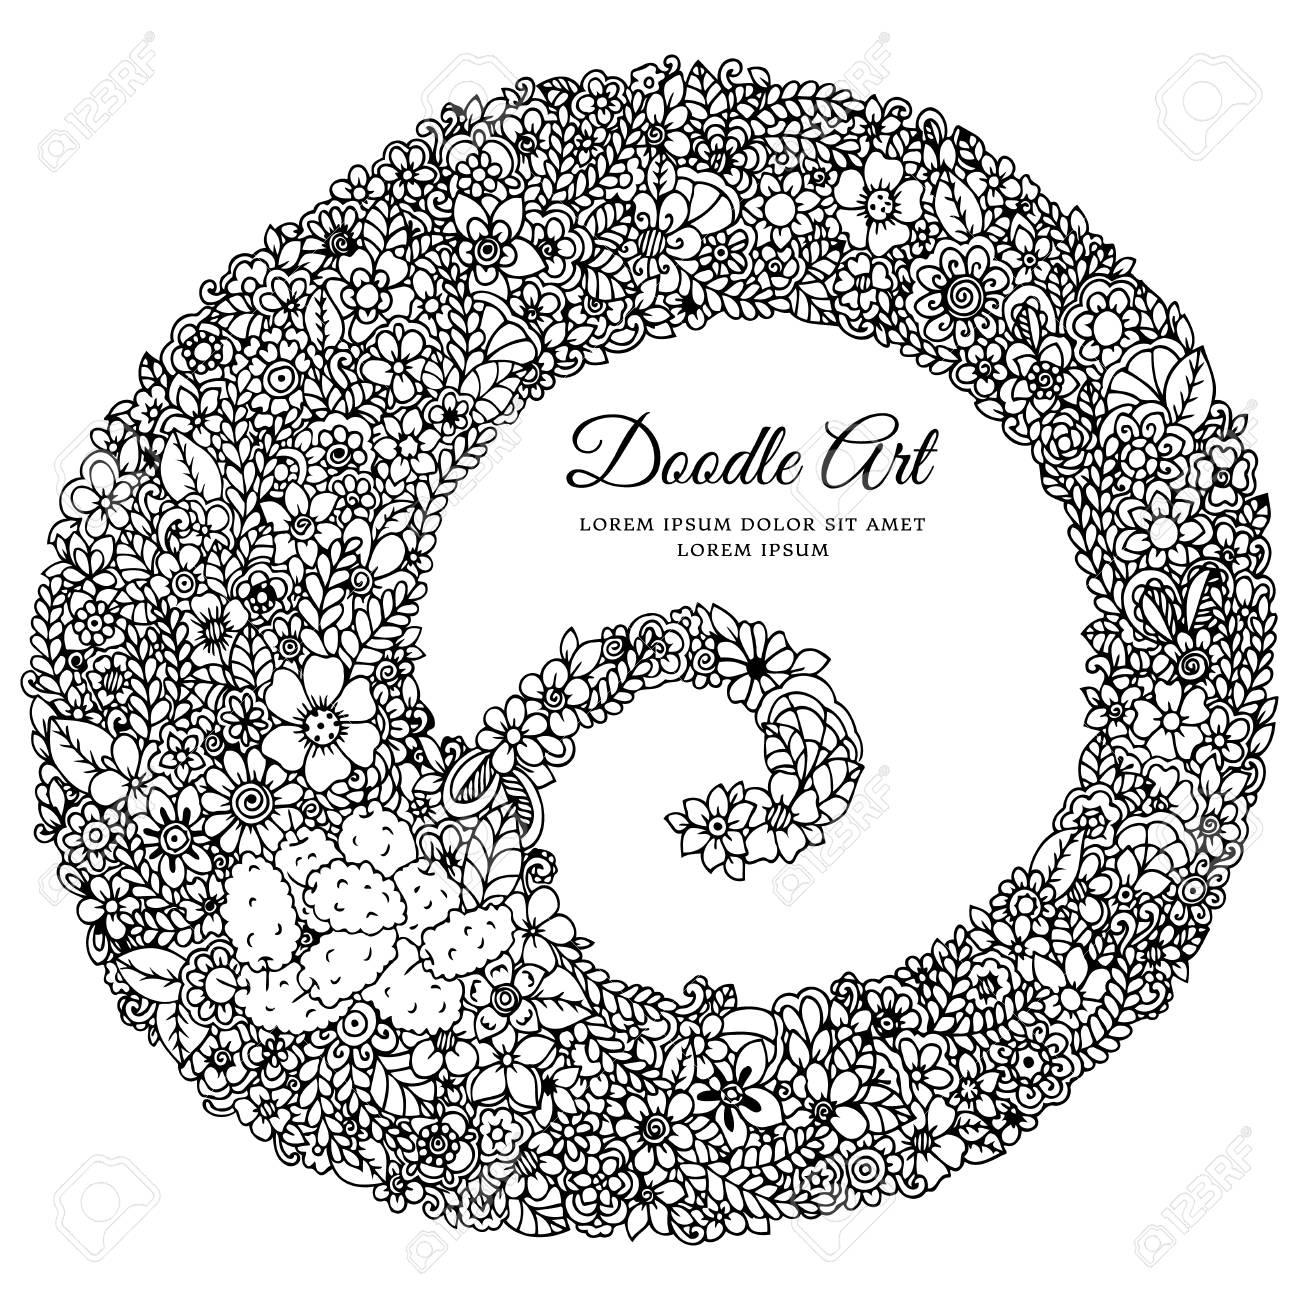 Cornici Disegno Bianco E Nero.Illustrazione Vettoriale Zentangl Cornice Rotonda Nei Fiori Doodle Disegno Libro Da Colorare Anti Stress Per Gli Adulti Bianco E Nero